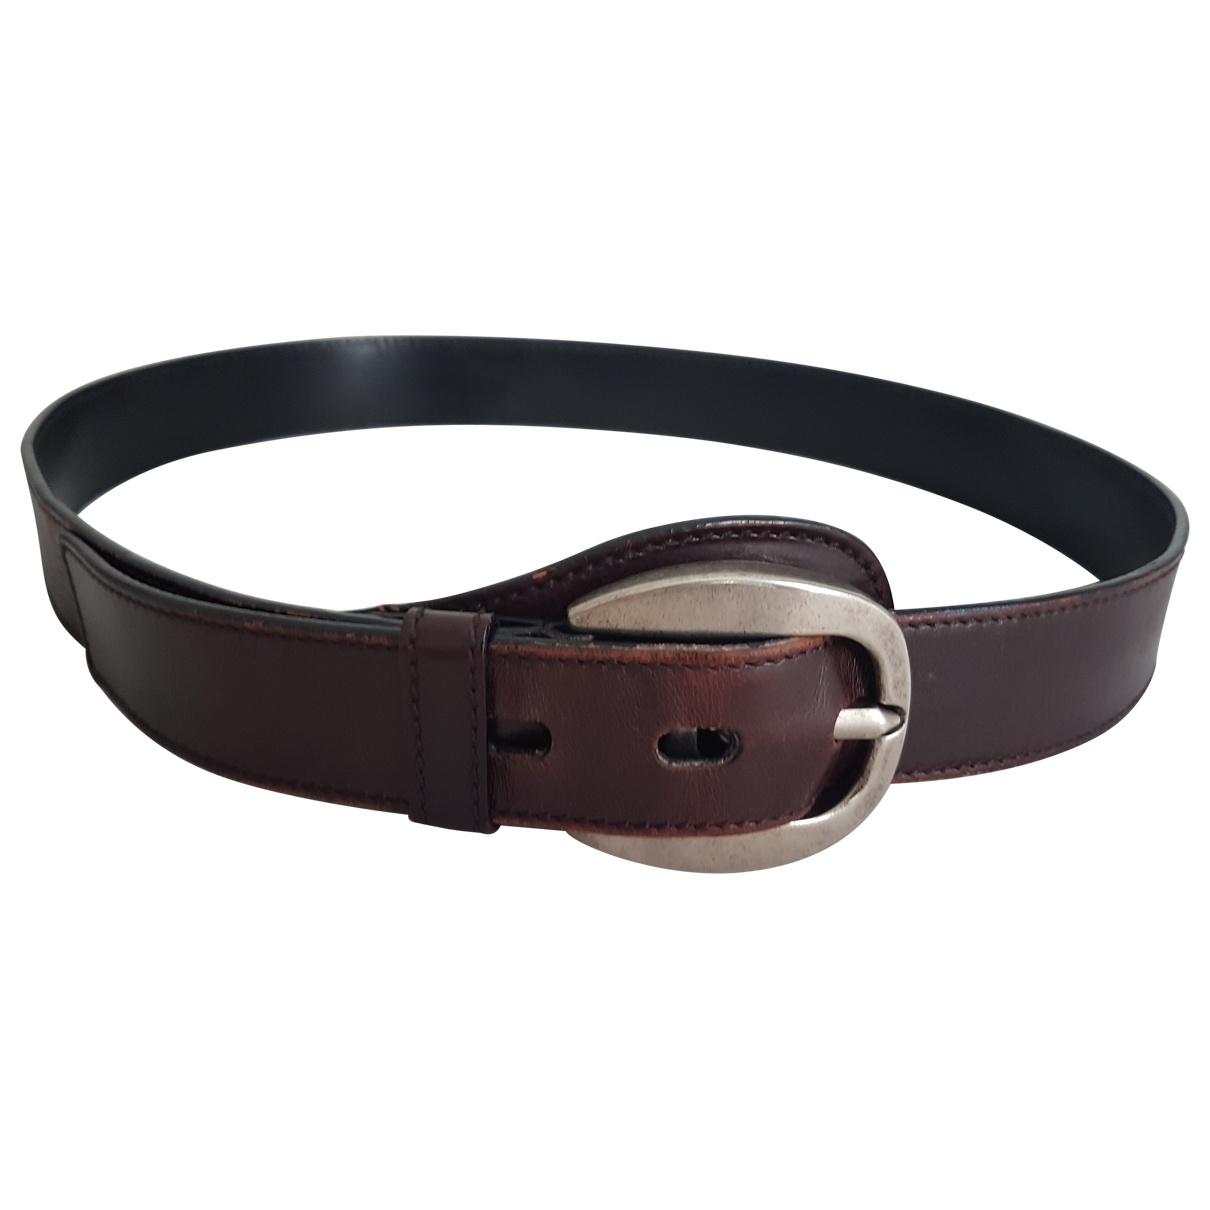 Yves Saint Laurent \N Brown Leather belt for Women 95 cm